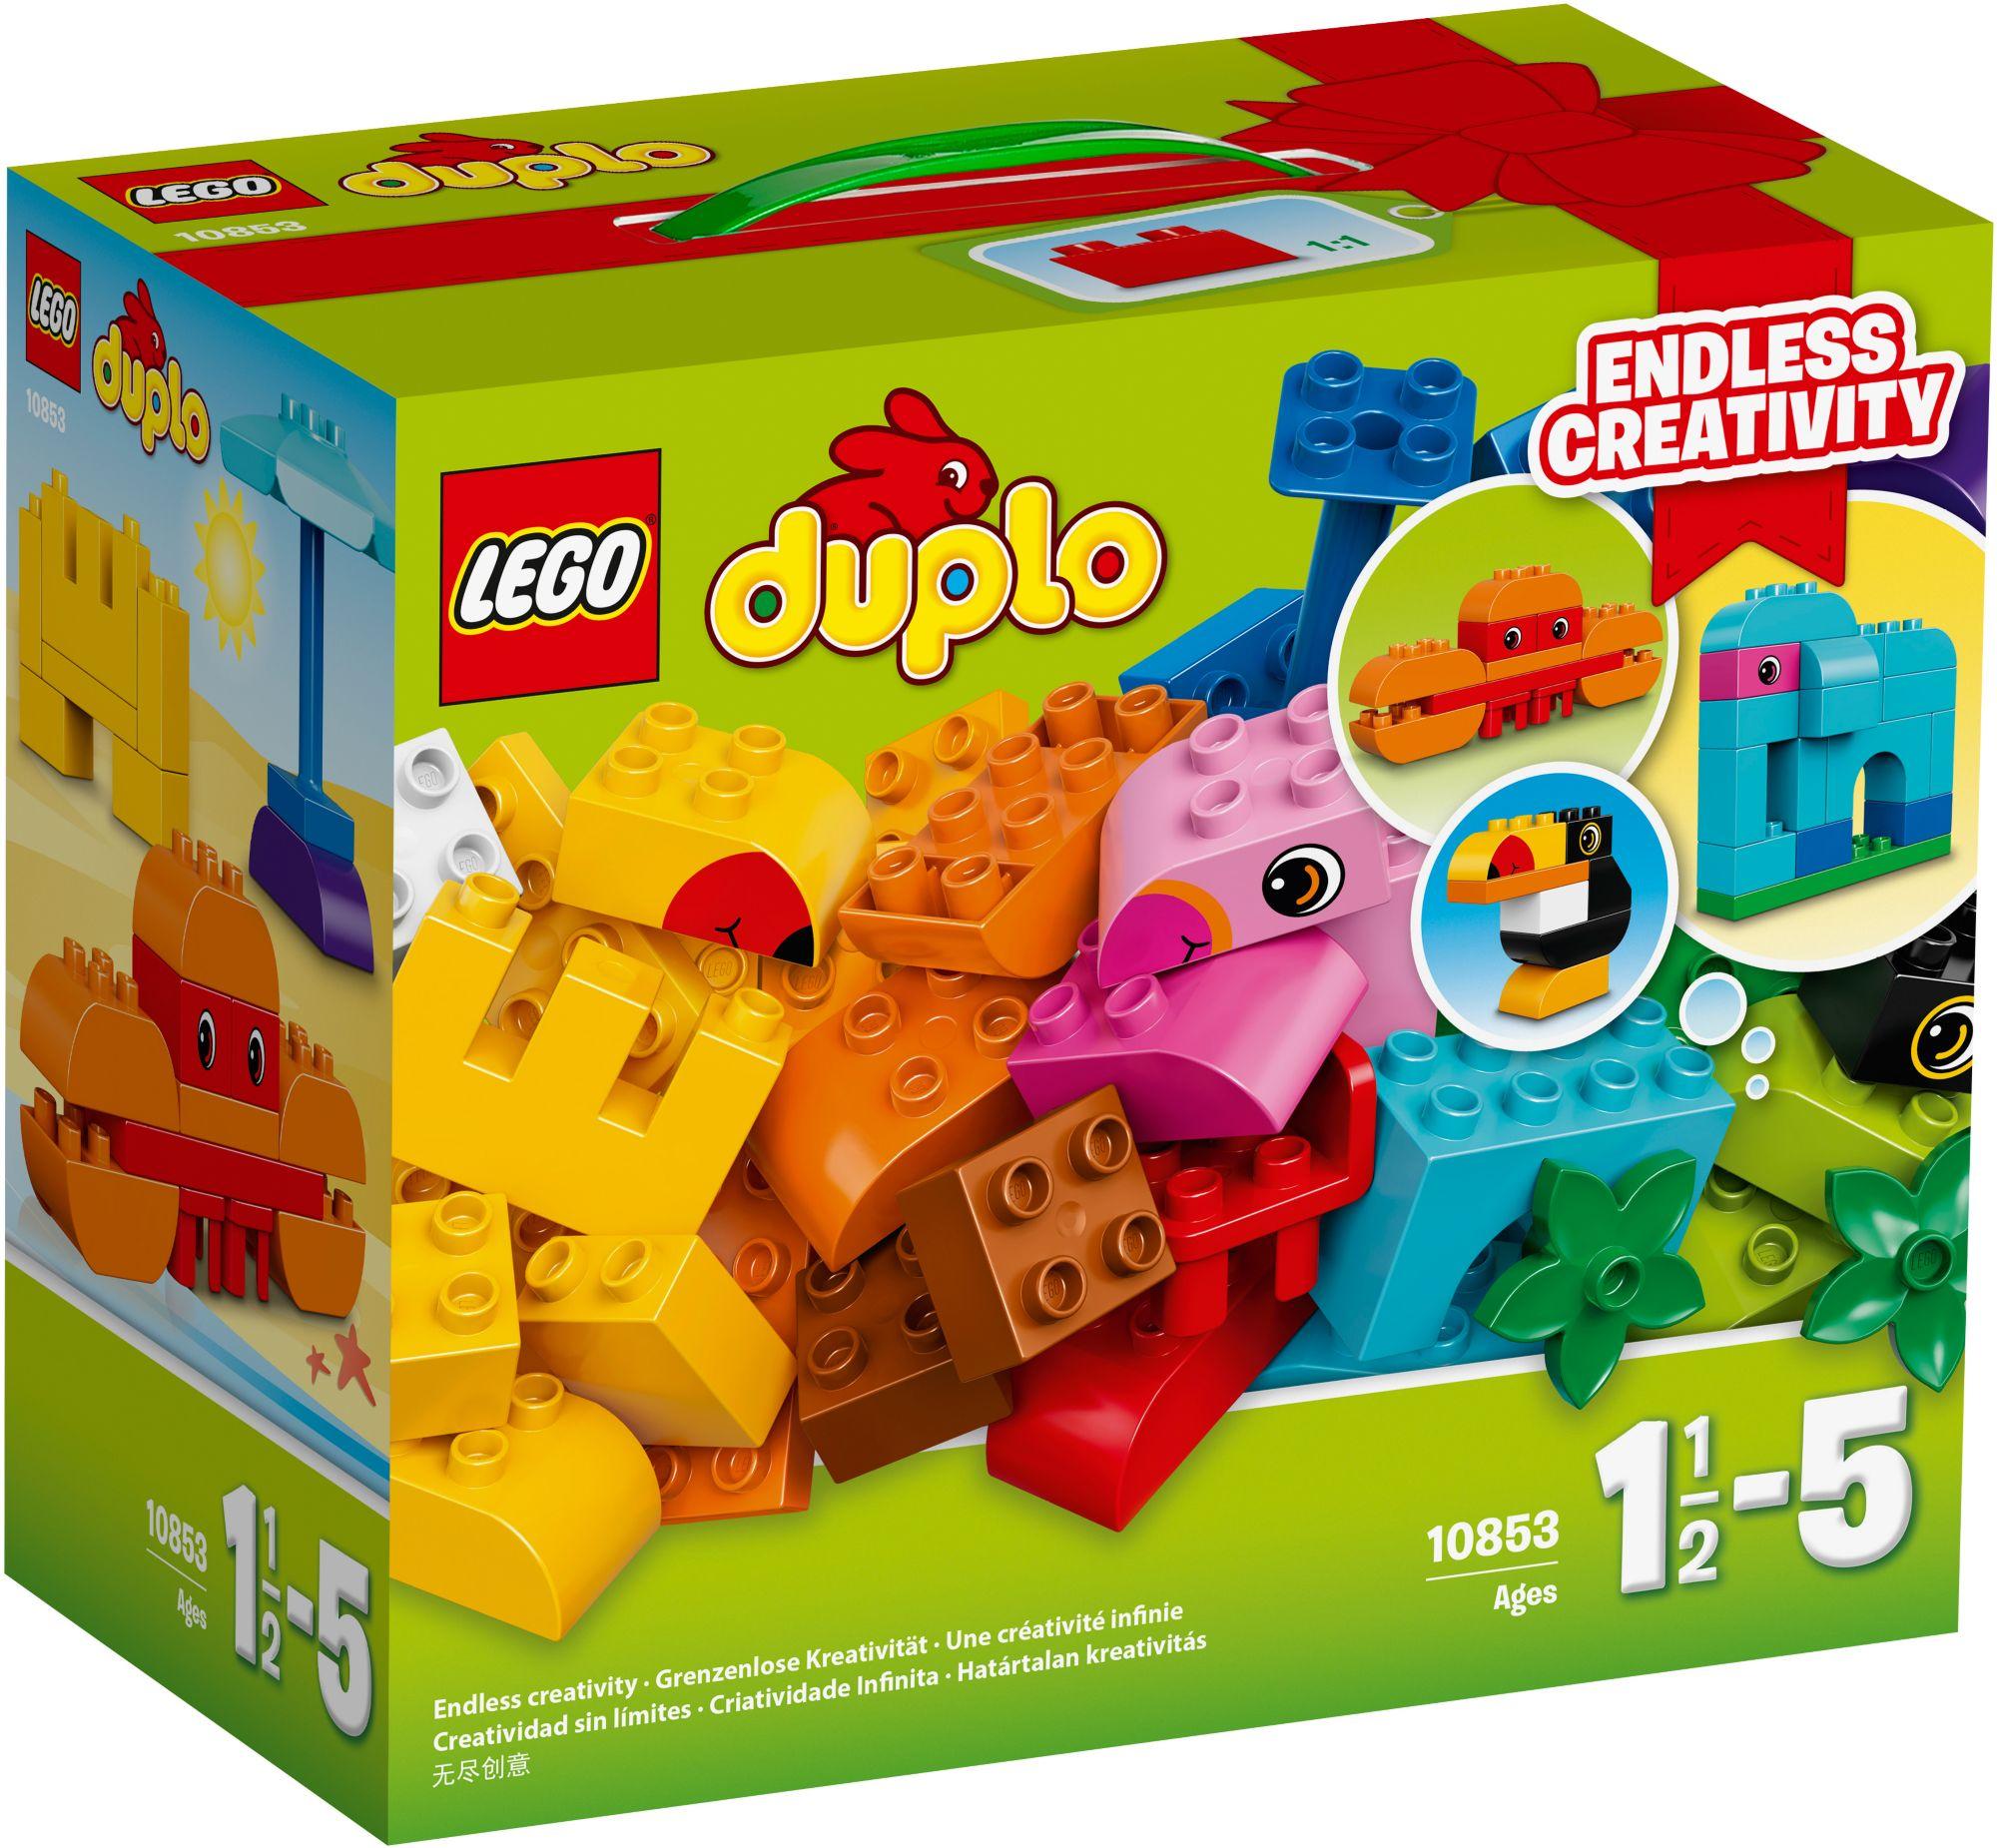 LEGO® 10853 DUPLO Kreativ-Bauset bunte Tierwelt, Konstruktionsspielzeug